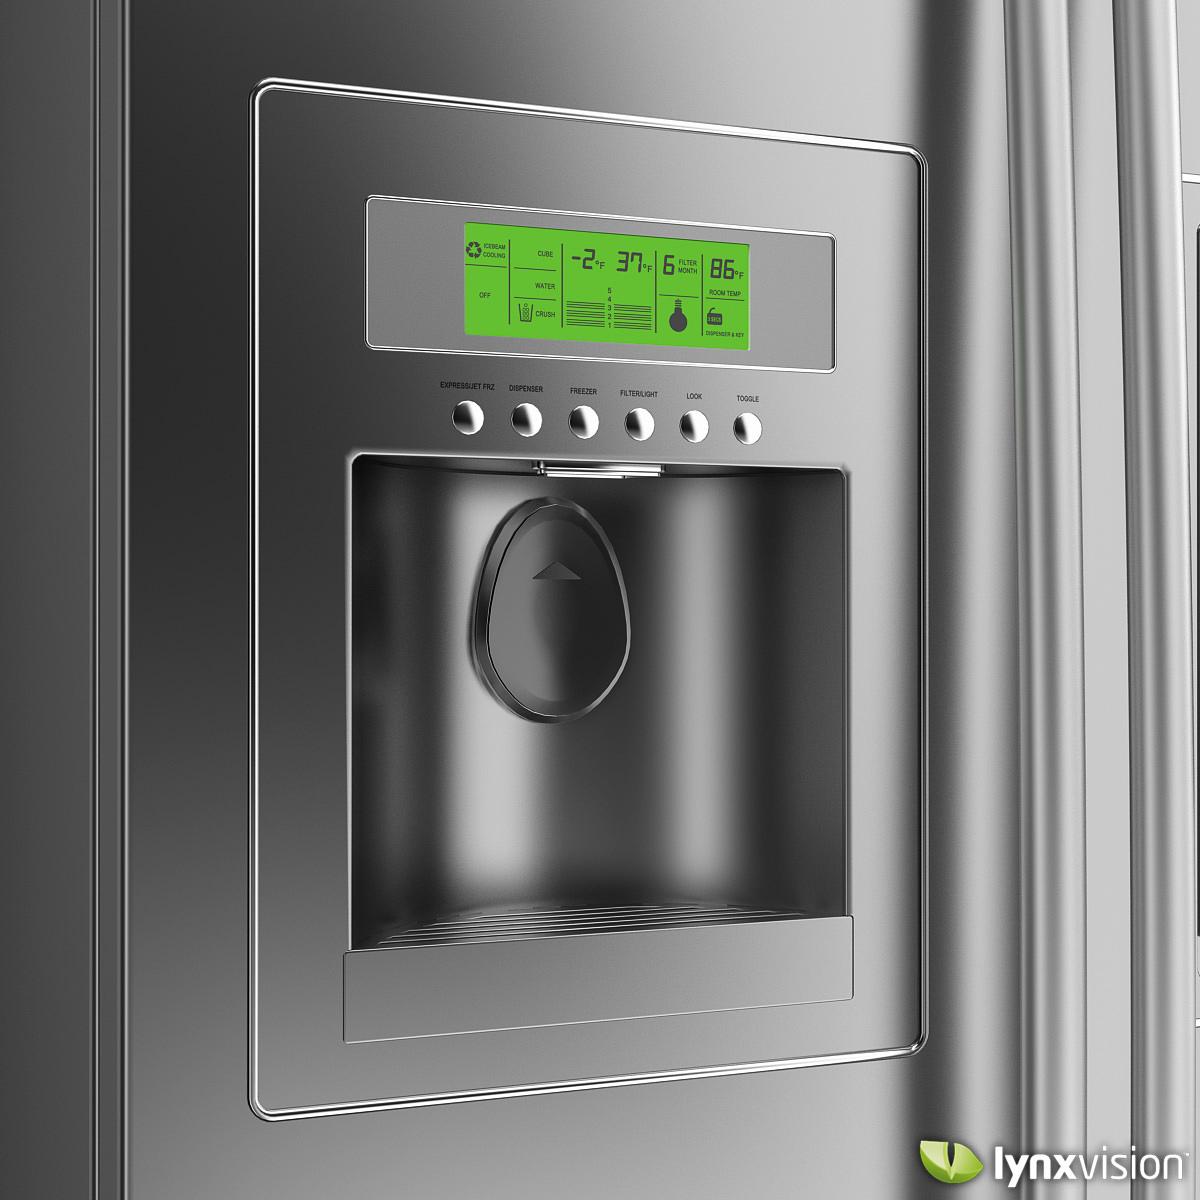 lg side by side refrigerator 3d model max obj fbx. Black Bedroom Furniture Sets. Home Design Ideas